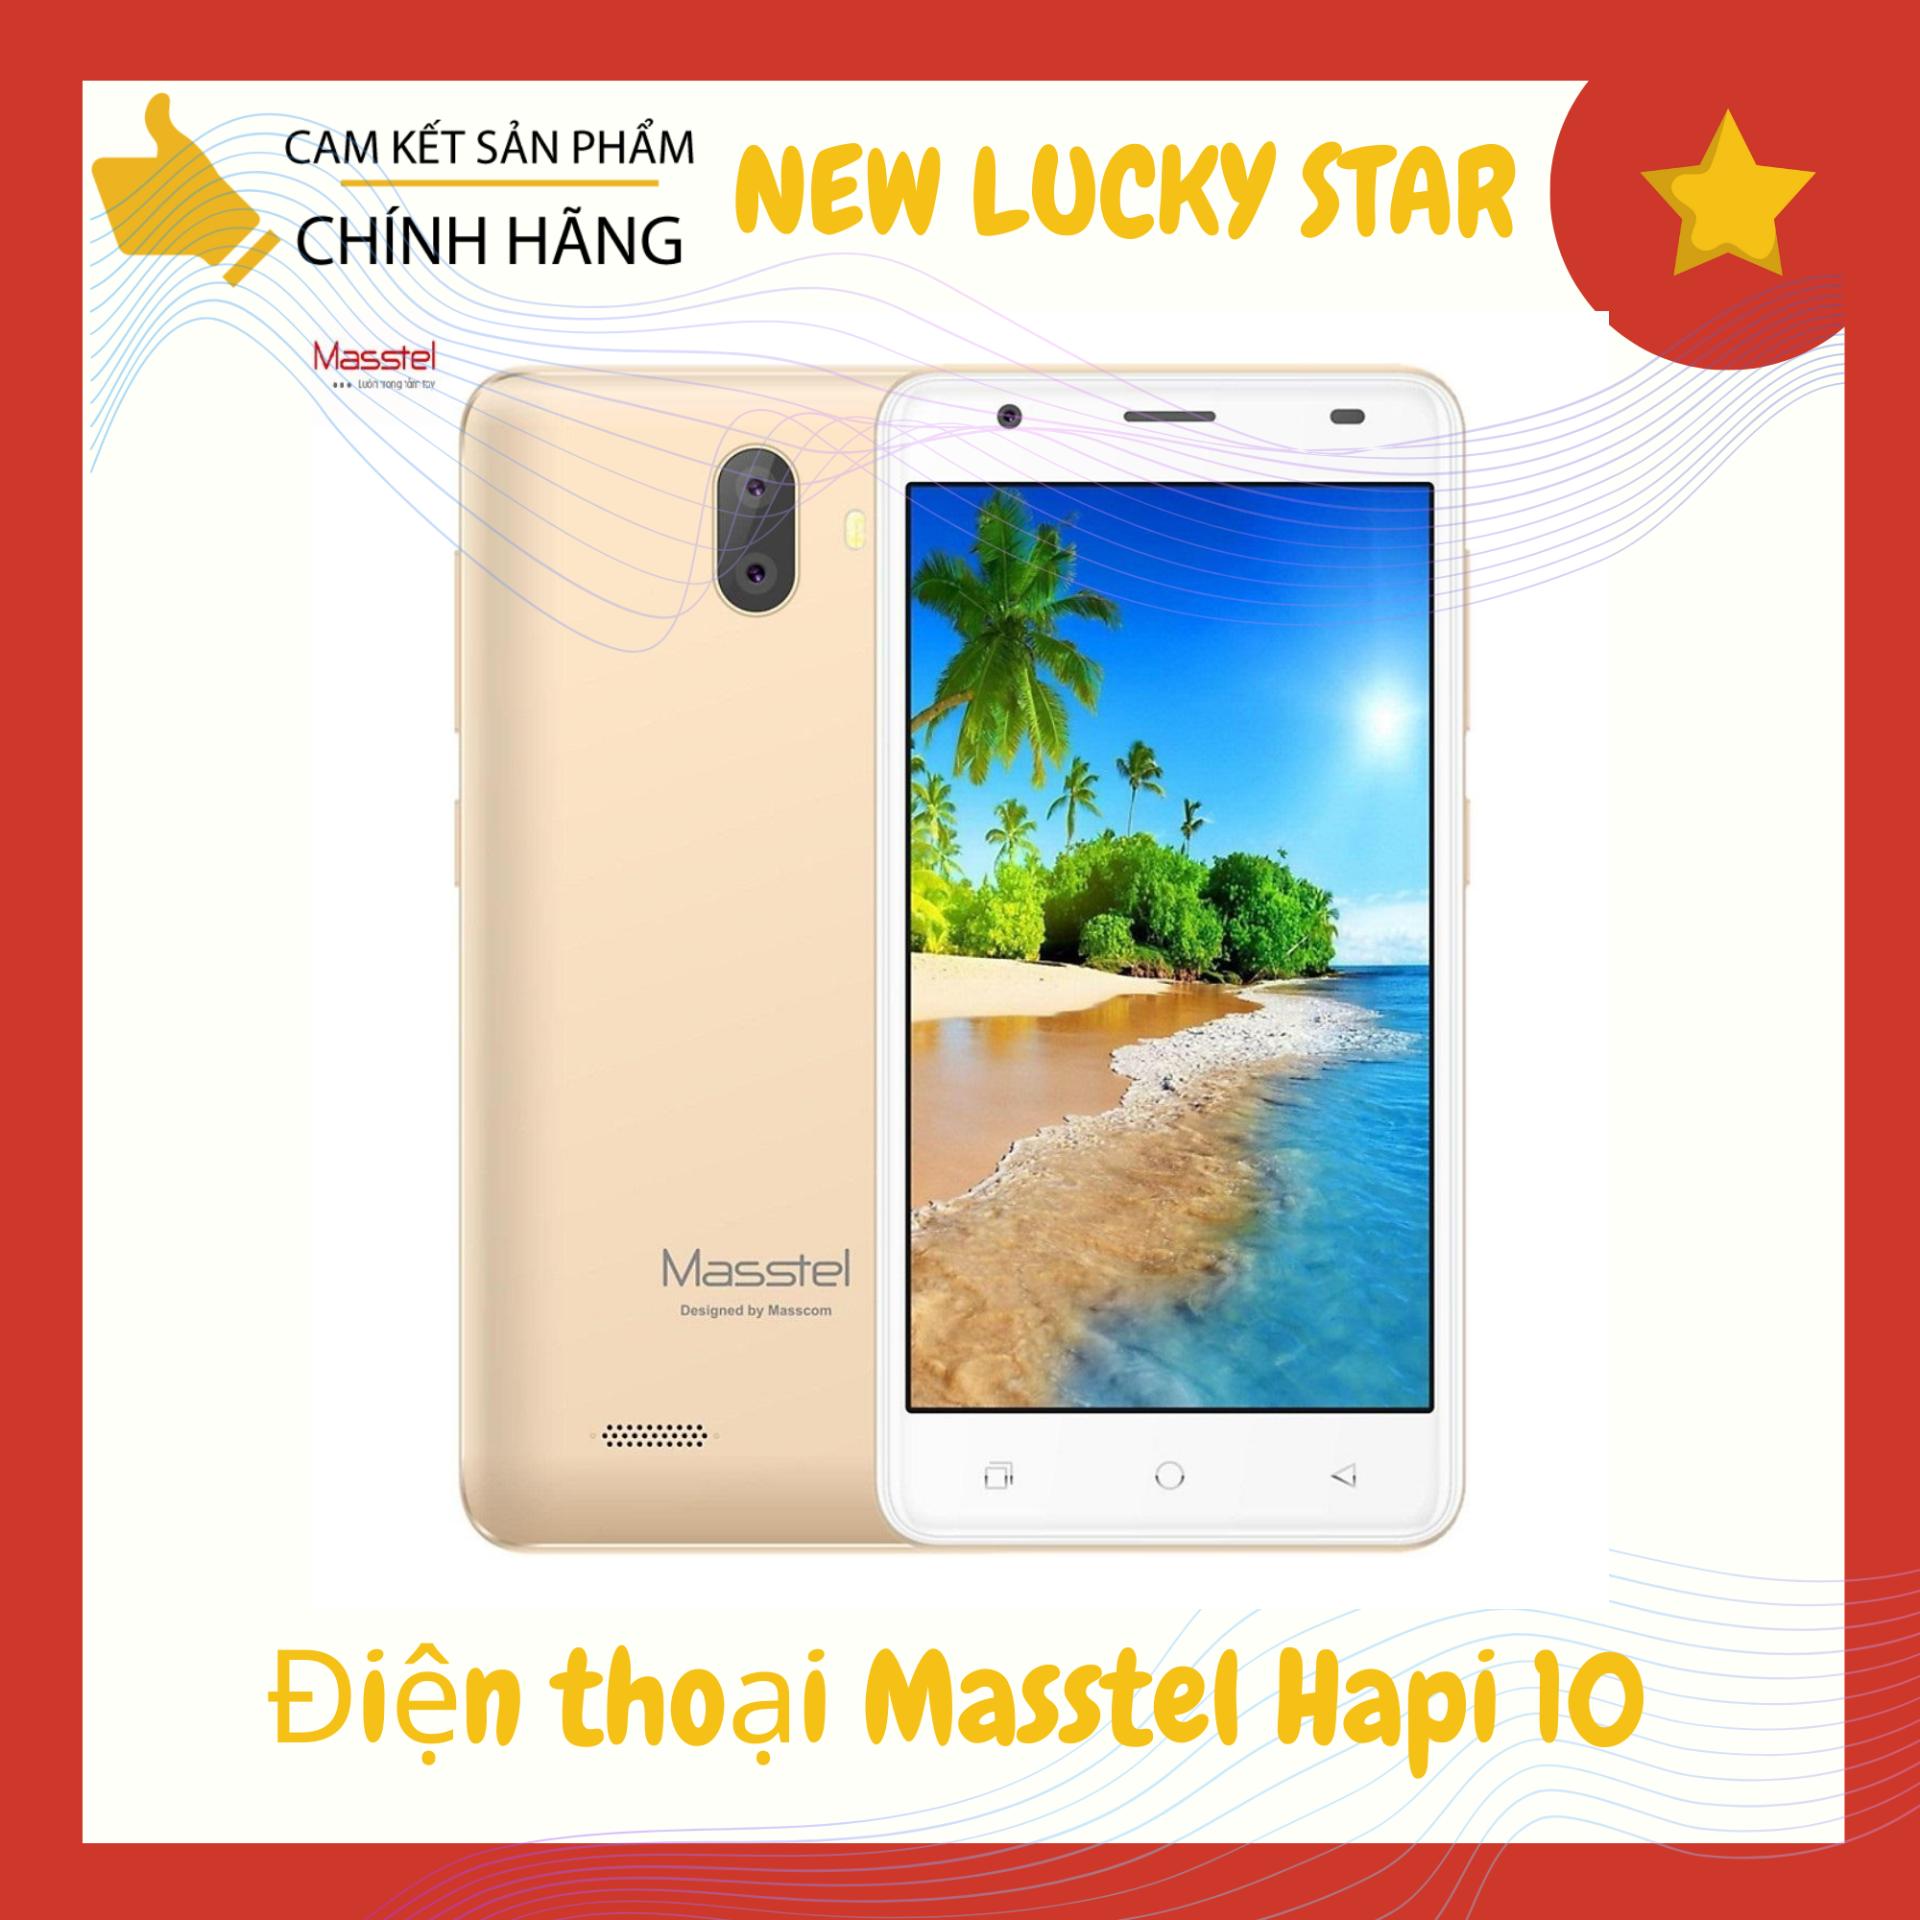 Điện thoại Masstel Hapi 10 (2GB/16GB) – Hàng chính hãng – Màn hình 5 inch IPS HD, Màn hình cong 2.5D, 2 sim 2 sóng, camera 5MP, pin 2.000mAh – Bảo hành 12 tháng